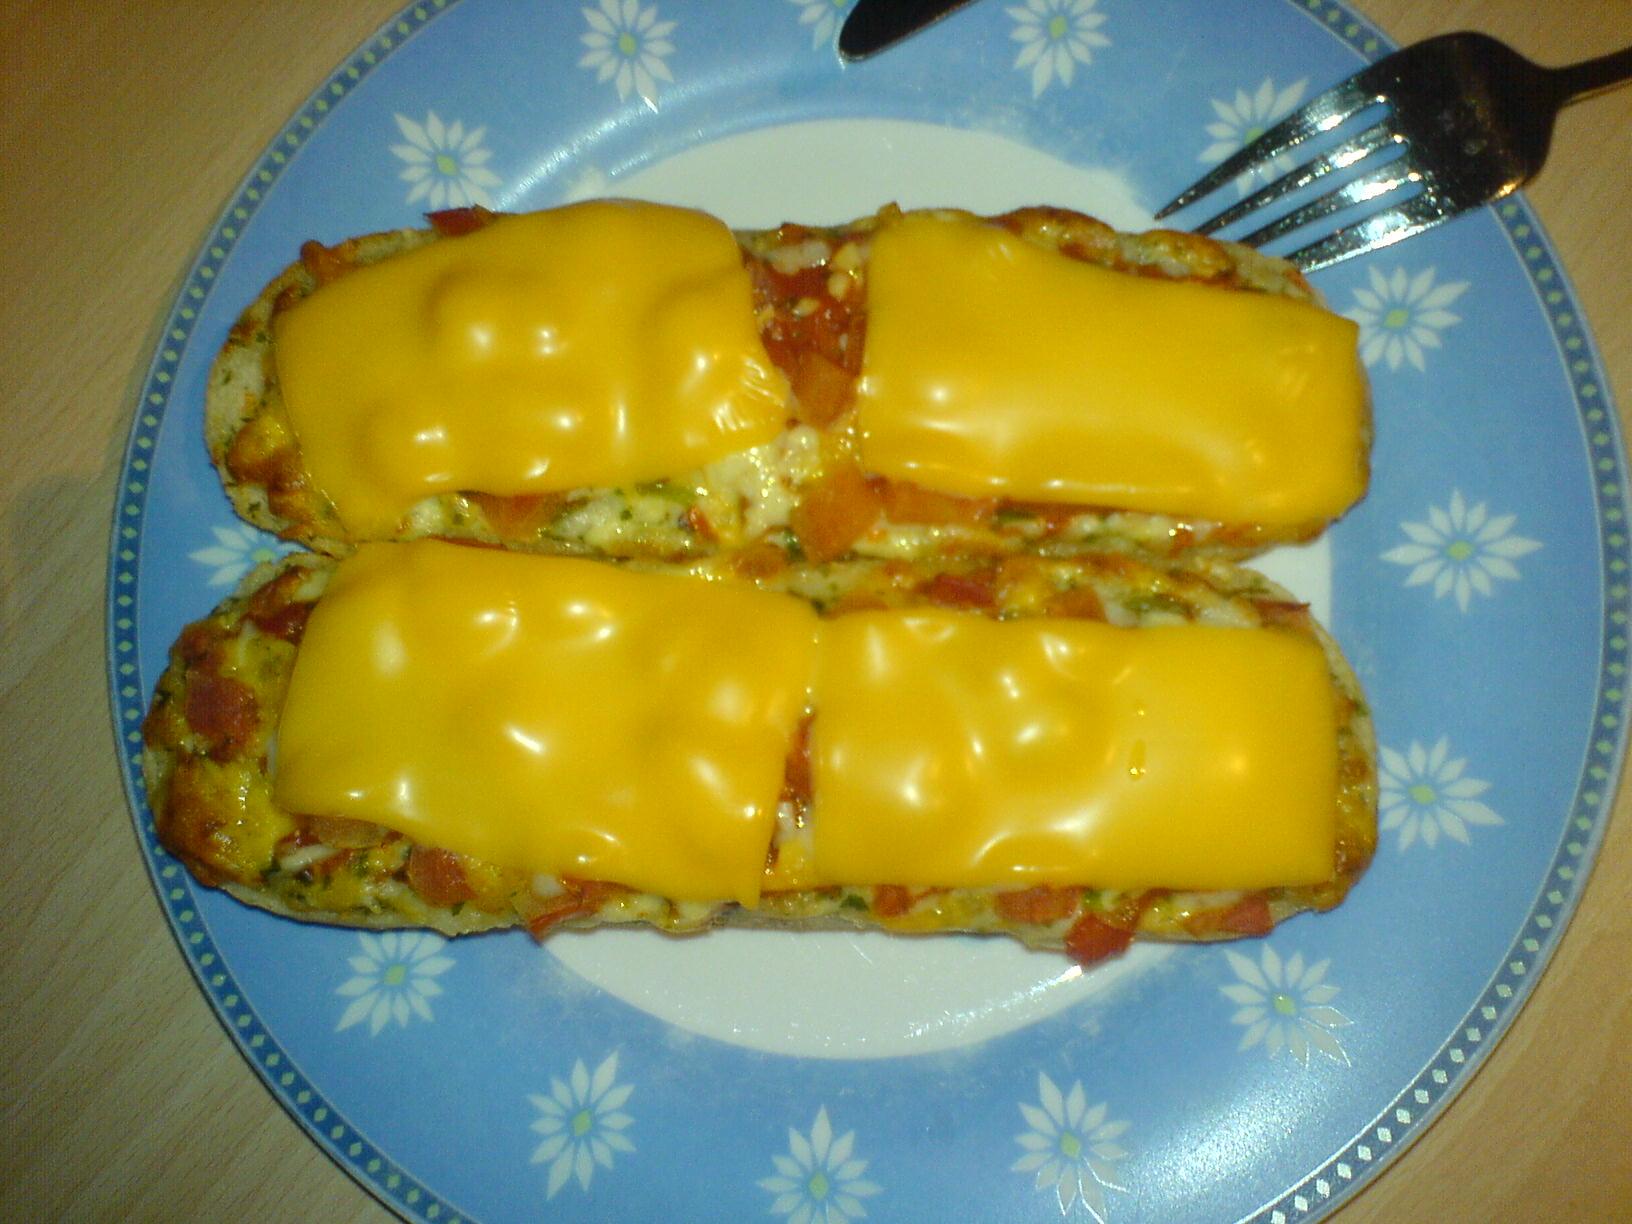 http://foodloader.net/Holz_2008-02-15_Bistro-Baguettes.jpg